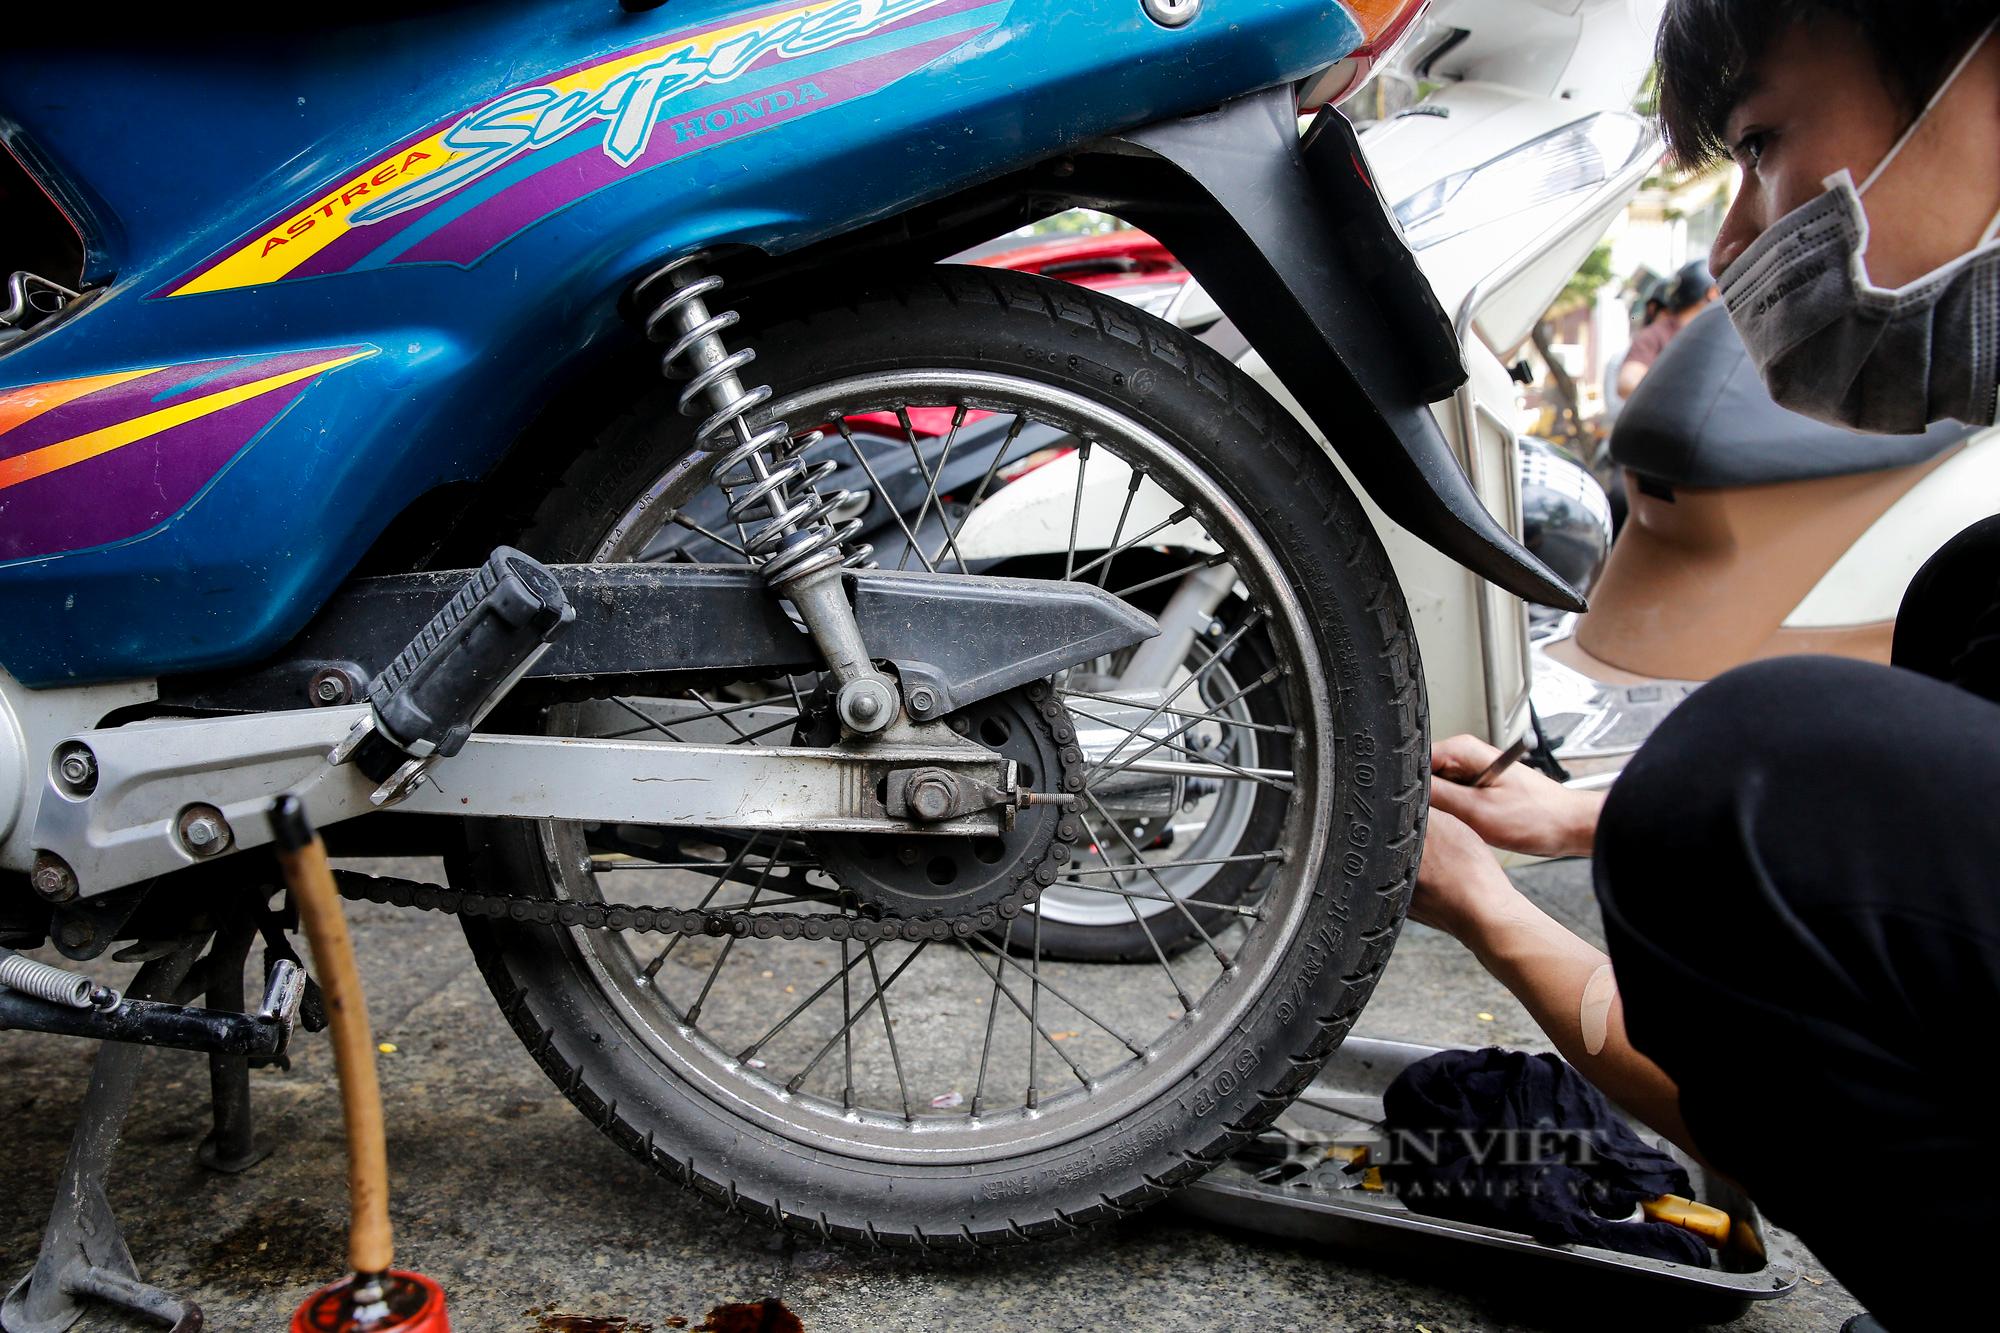 Hà Nội: Mang xe máy đi sửa, khách hàng phải chờ từ sáng đến chiều tối mới có thể nhận được xe - Ảnh 6.